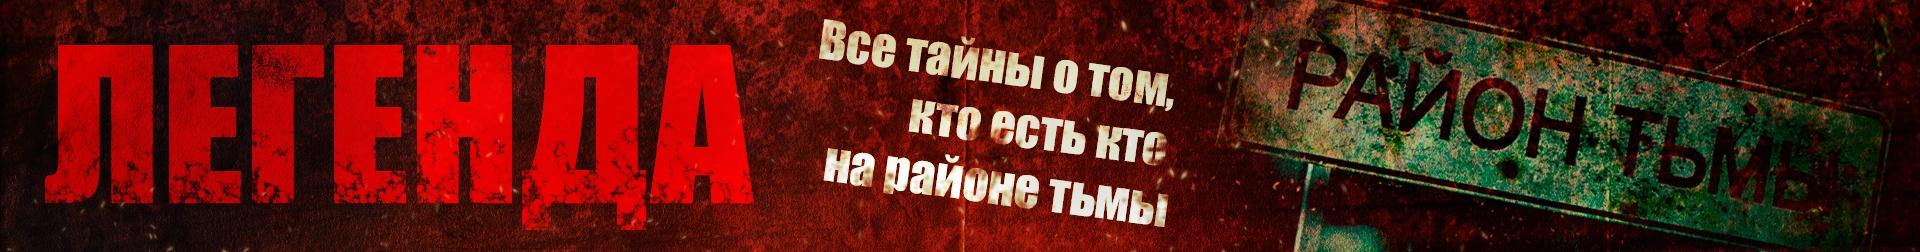 ЛЕГЕНДА-РАЙОНА-ТЬМЫ-ОБЛОЖКА_НОВАЯ2